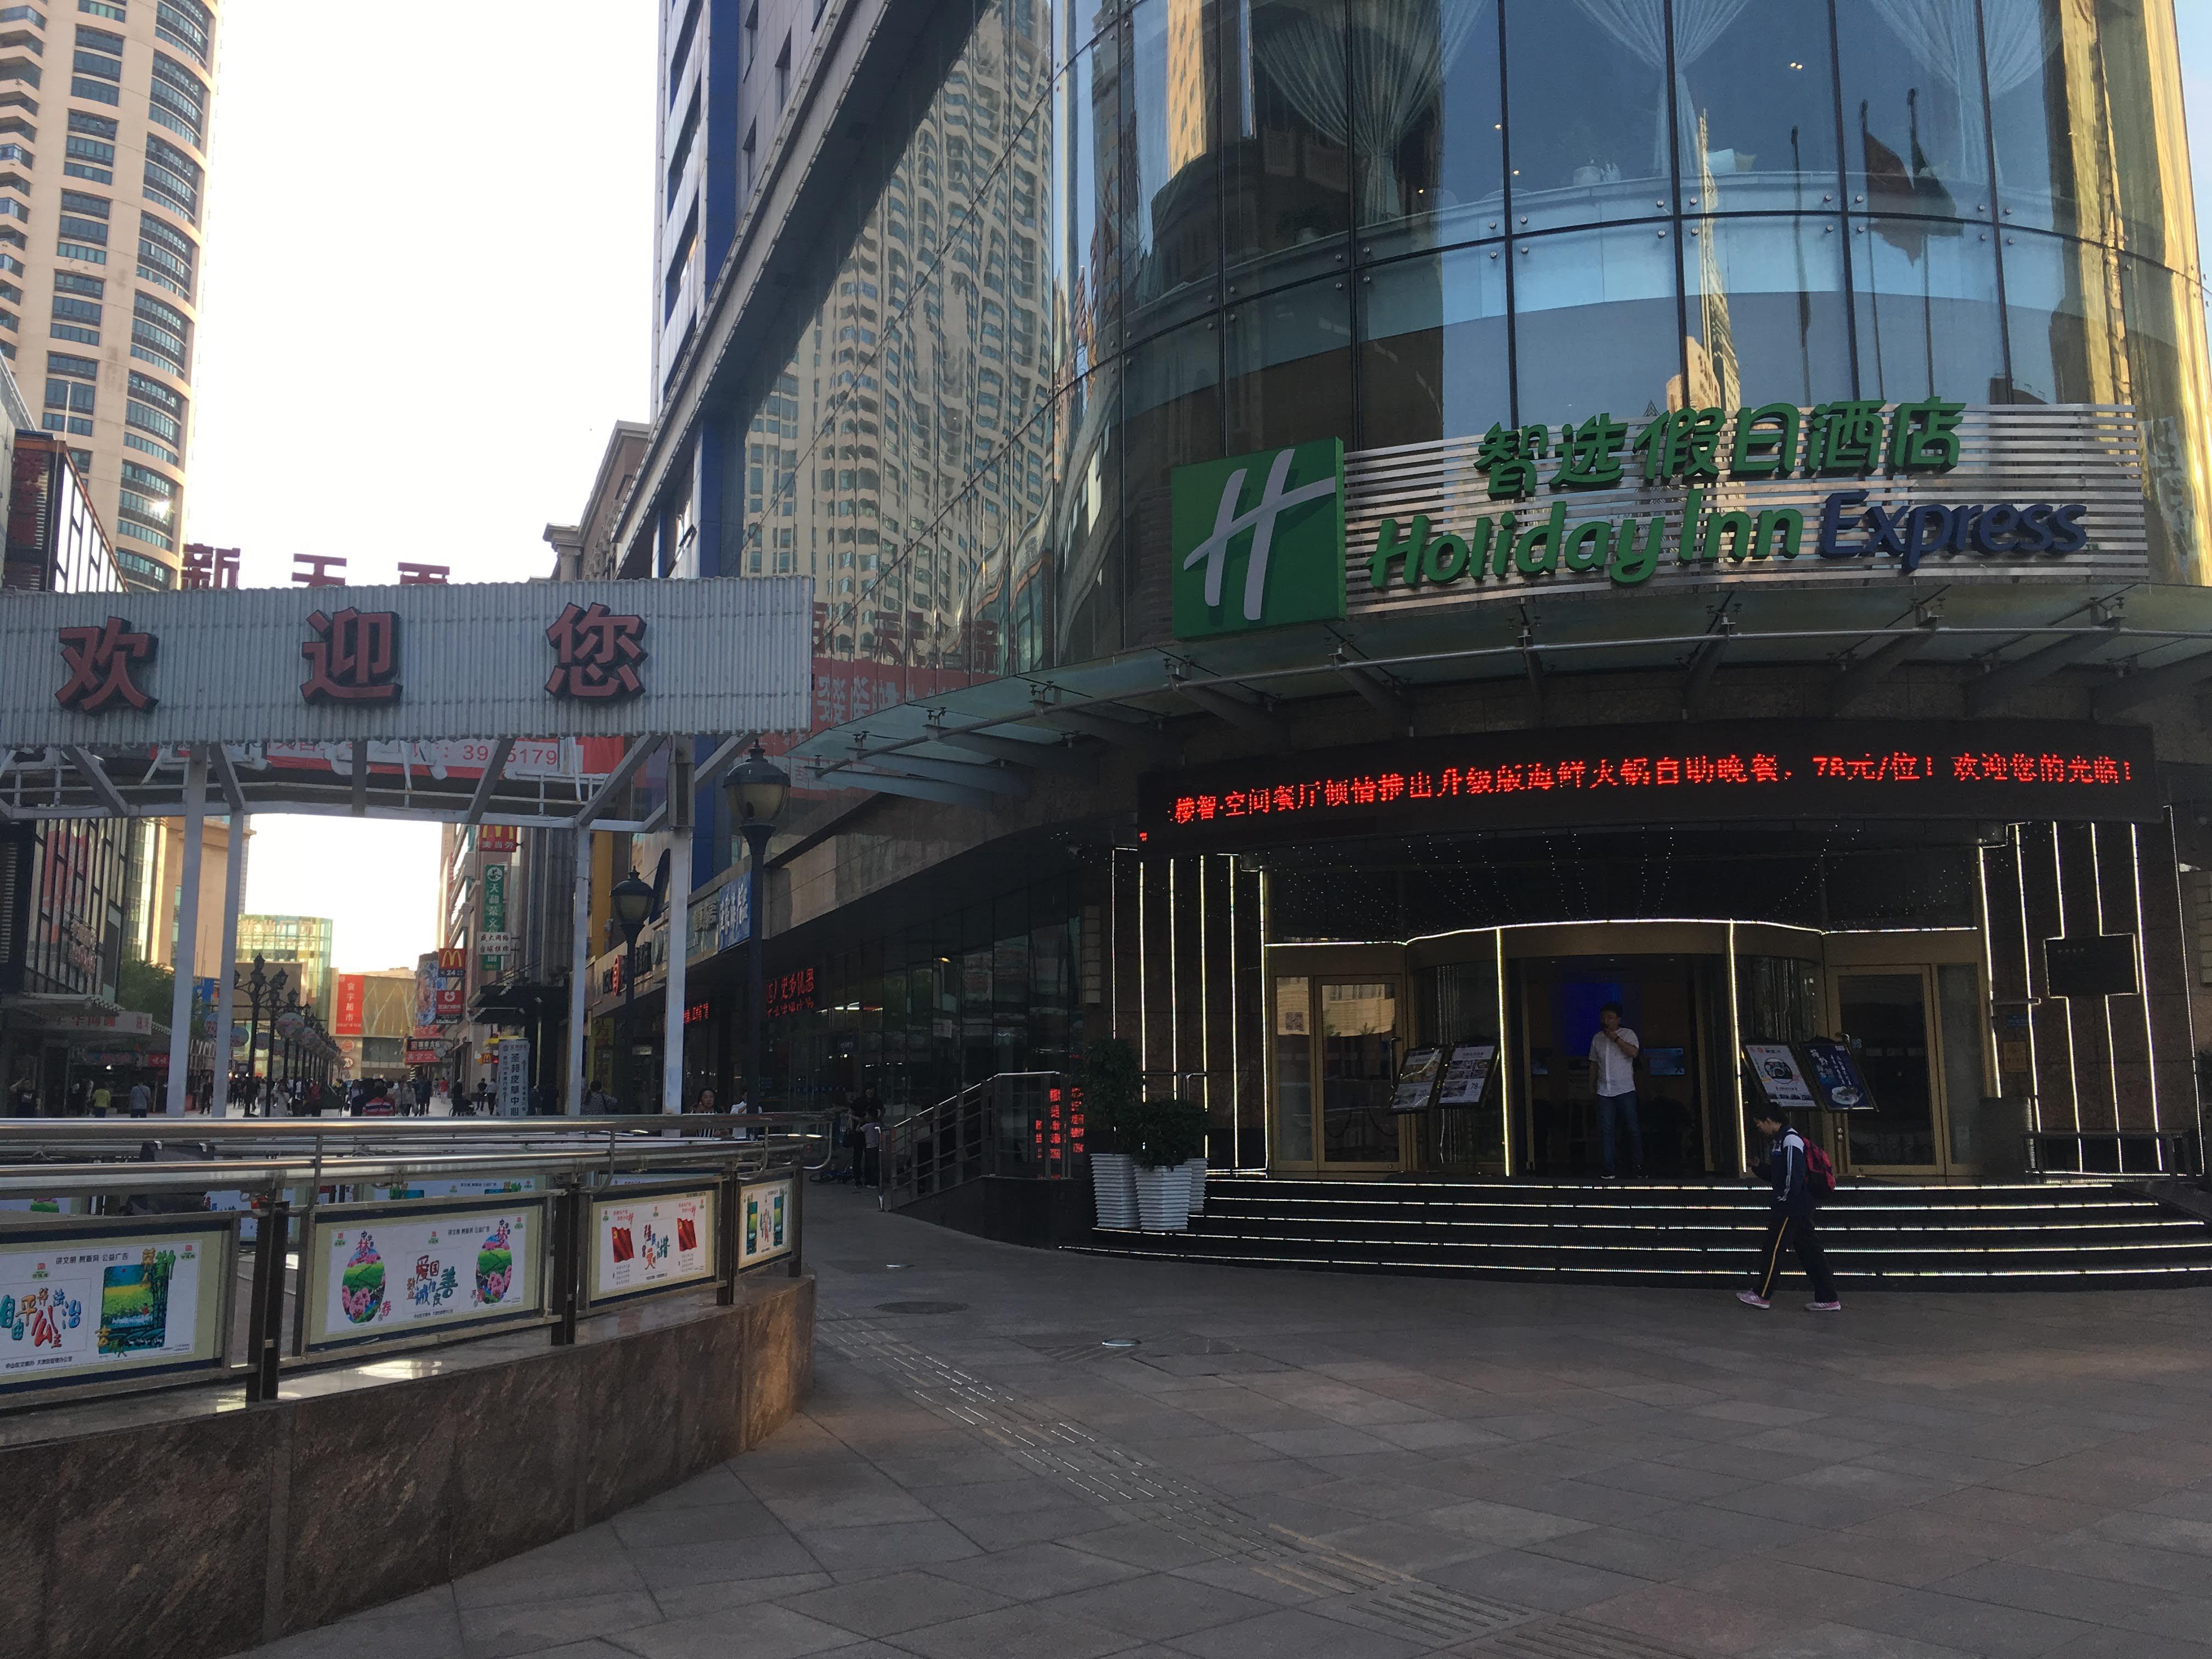 ホリデイインエクスプレス大連シティセンター(大連海尊智選暇日酒店)